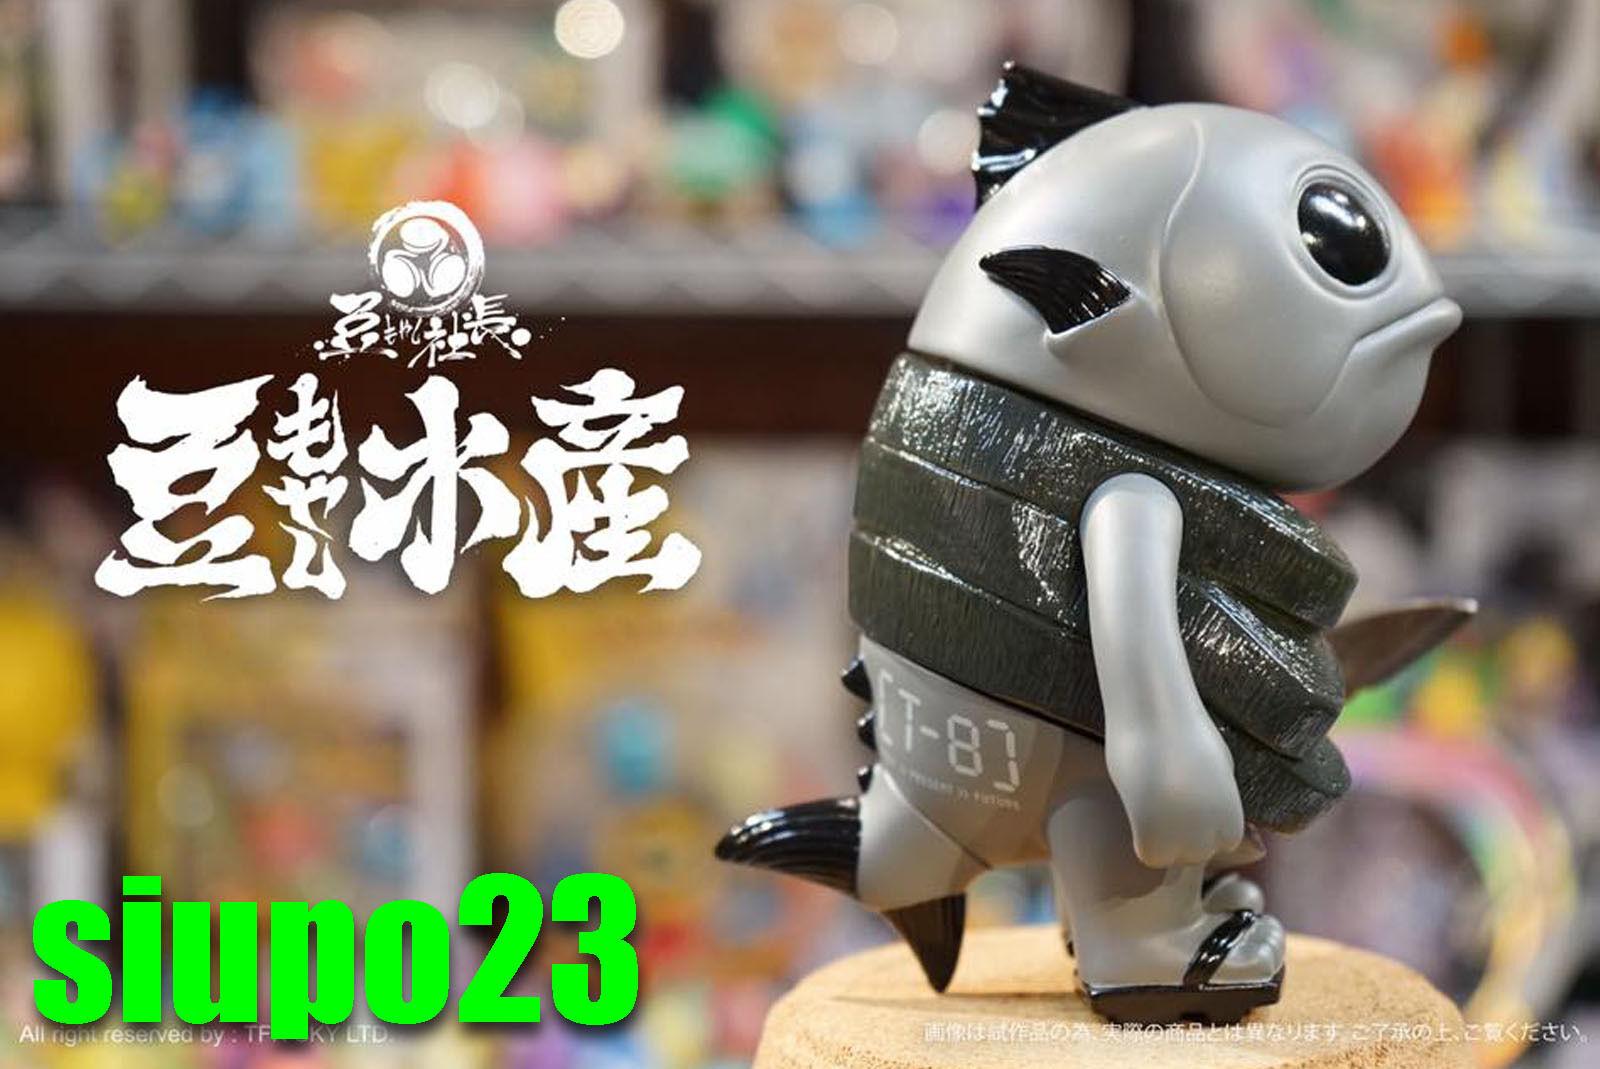 Mame moyashi  Maguro senpai Vinilo Figura versión T-8